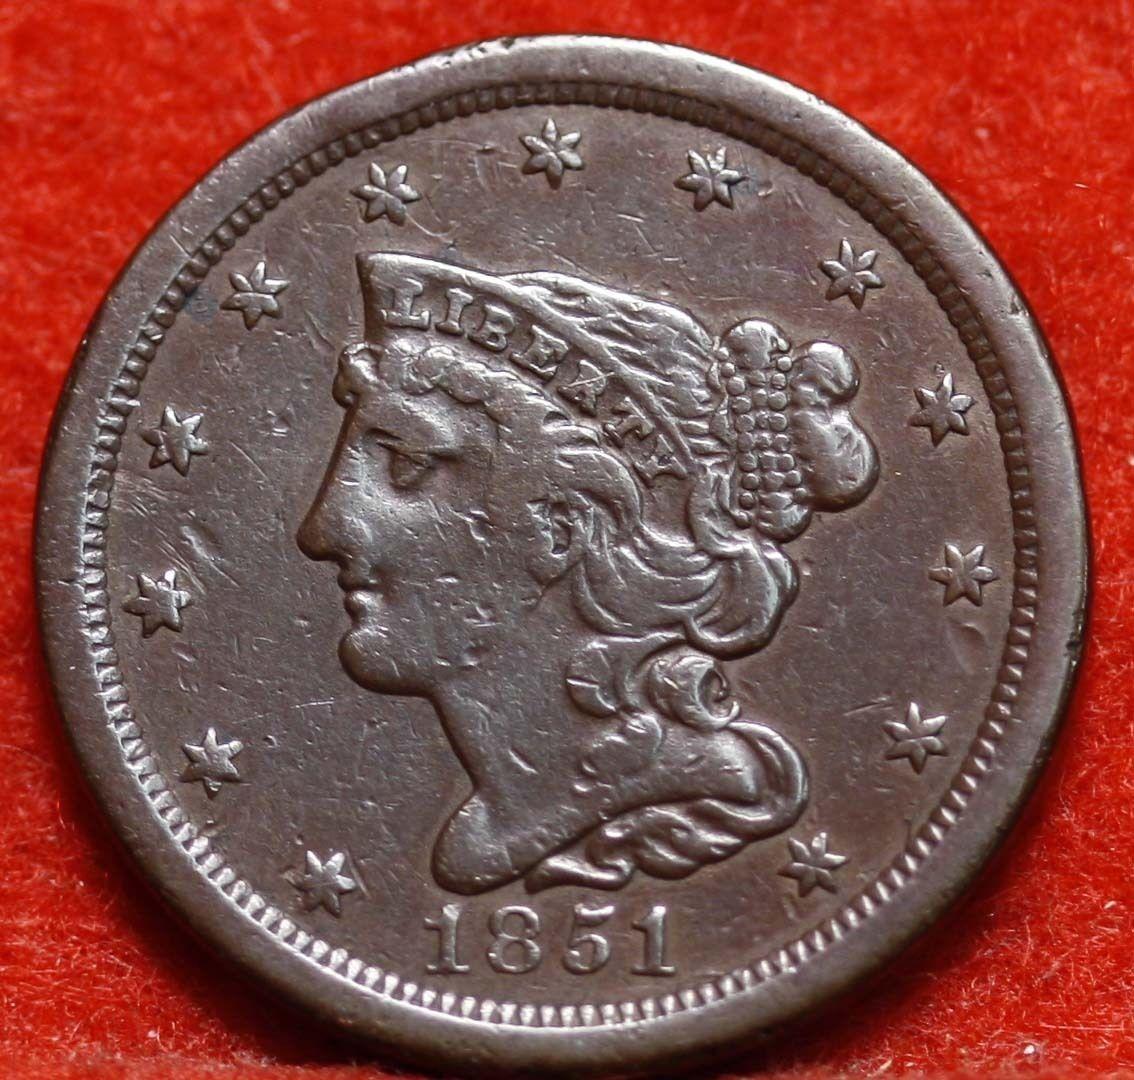 Tipo de moneda Estados Unidos 1851a